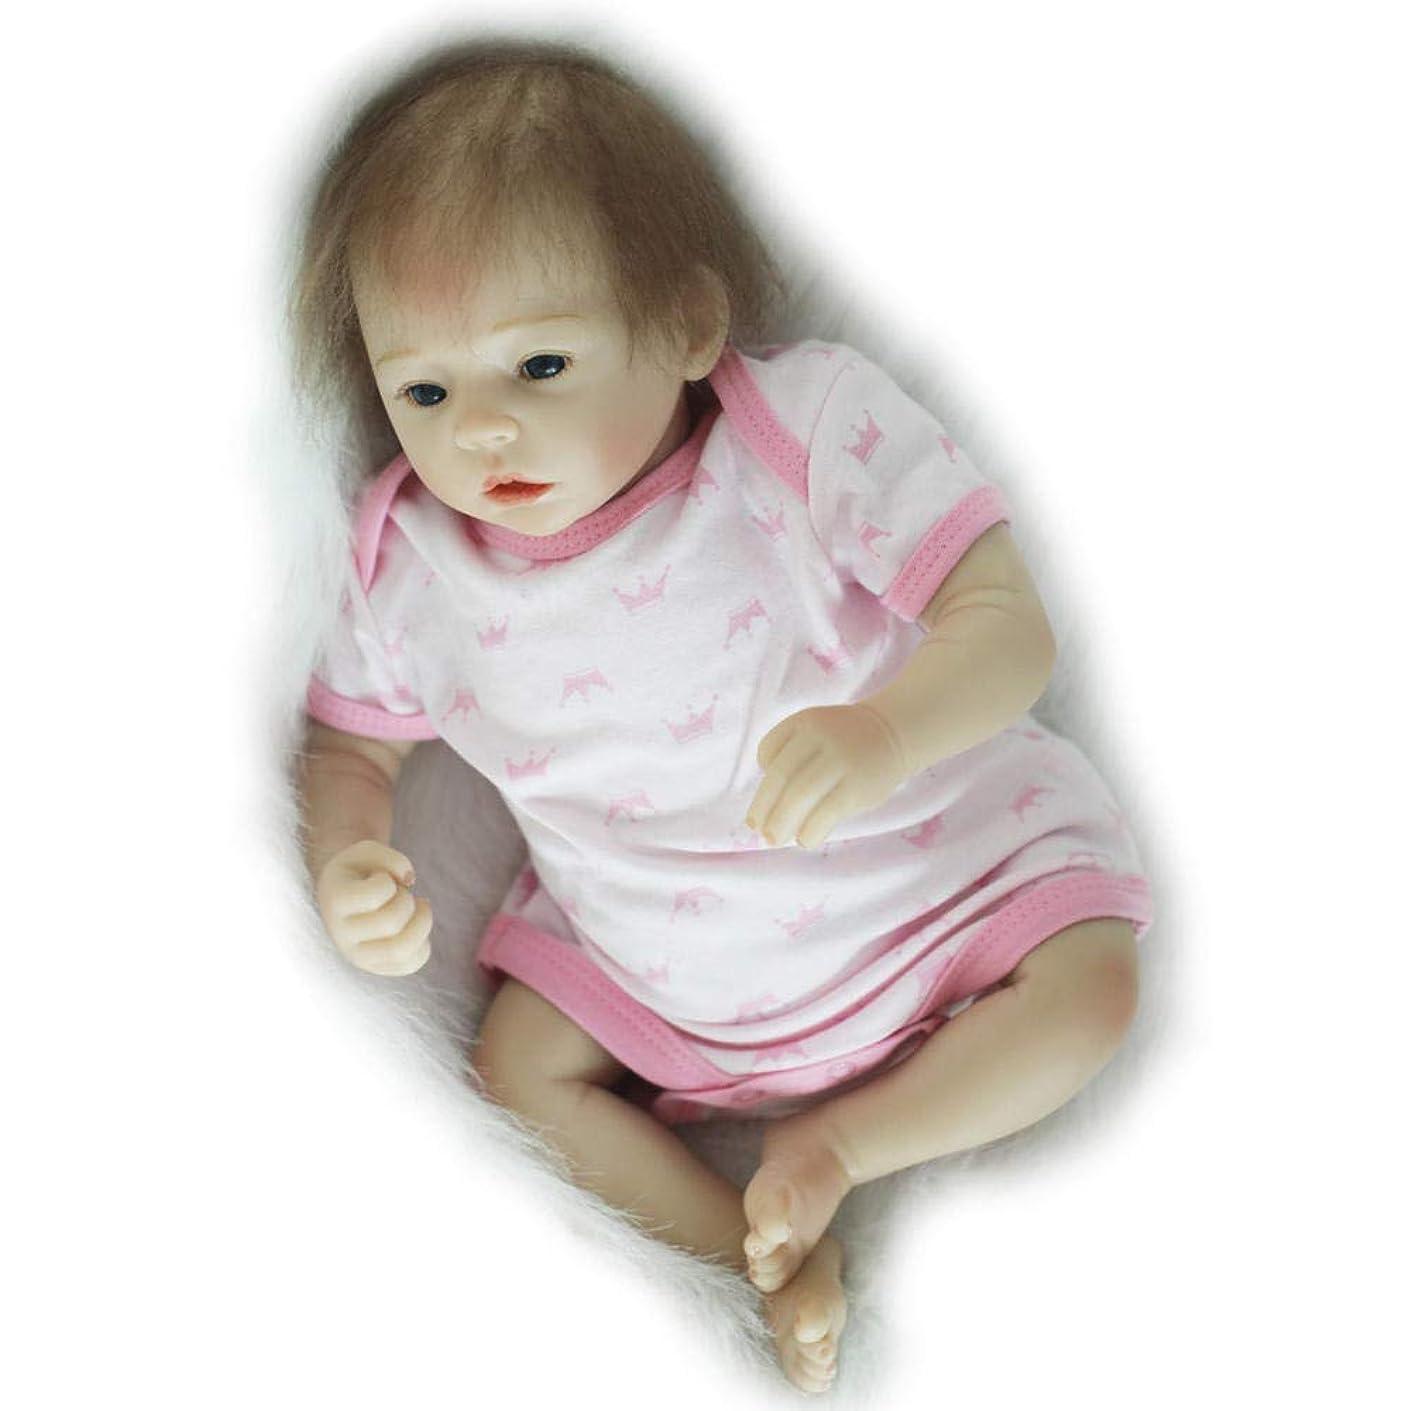 利得校長セージ幼児の生まれ変わった赤ちゃん人形手作りの記憶エイズシミュレーションソフトプラスチックシリコンプラスチック現実的な生まれ変わった人形18